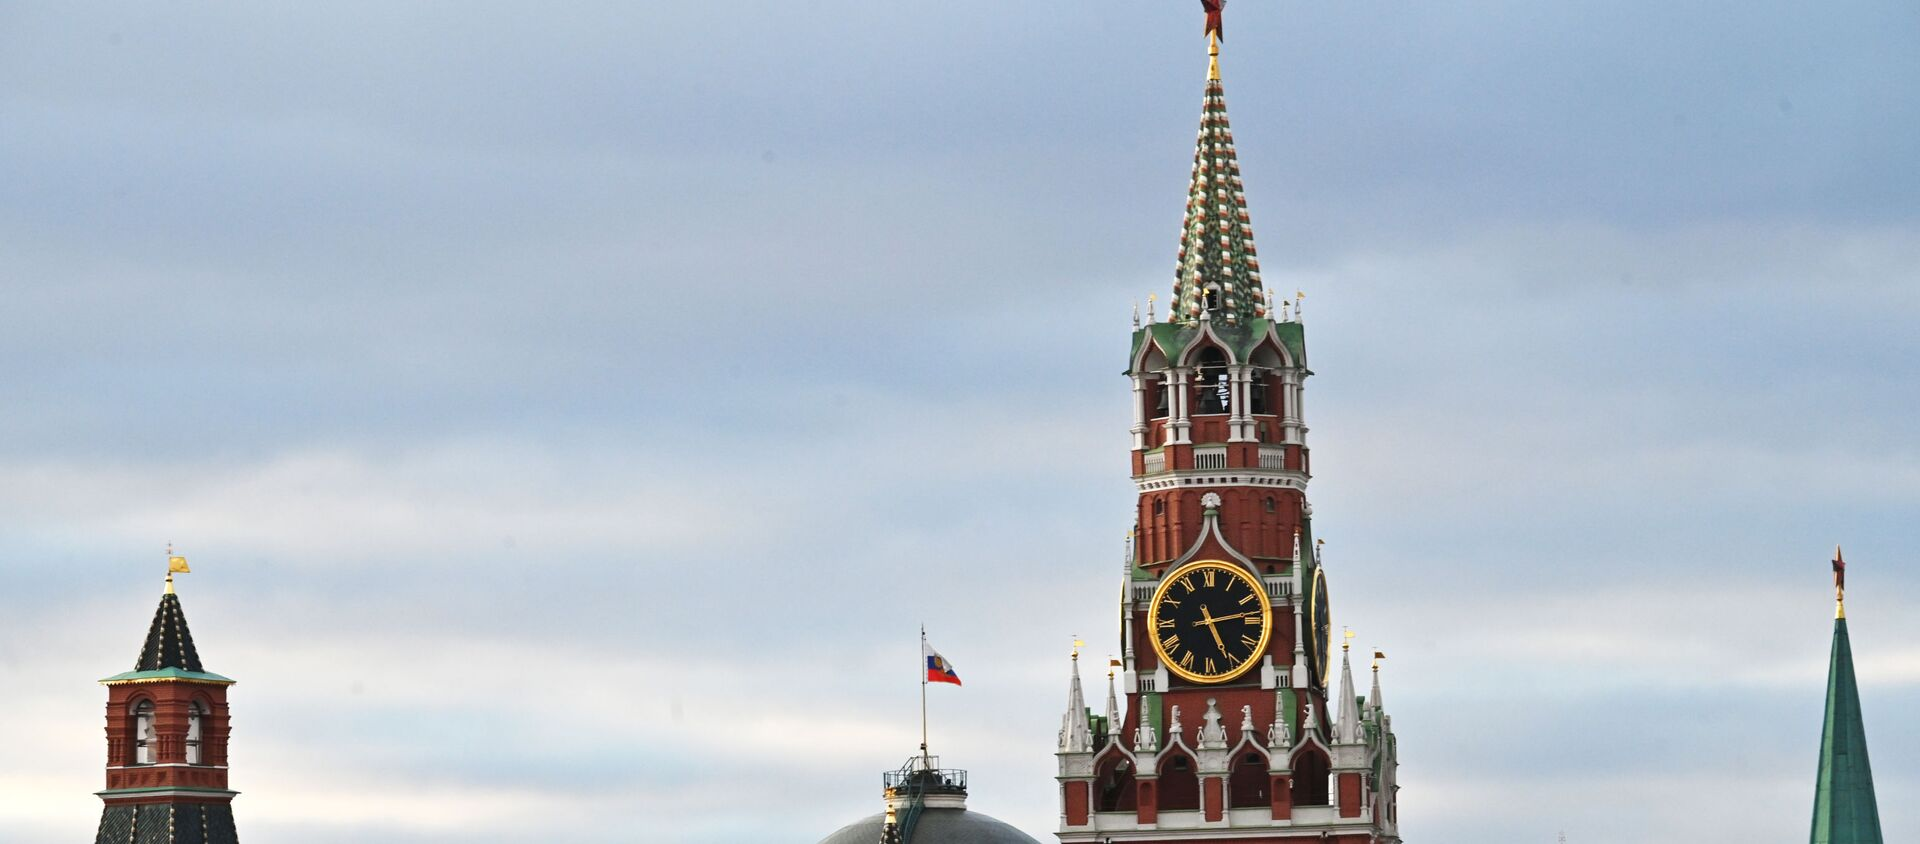 Московский Кремль. В центре: Спасская башня. На втором плане: Сенат. - Sputnik Южная Осетия, 1920, 22.09.2021